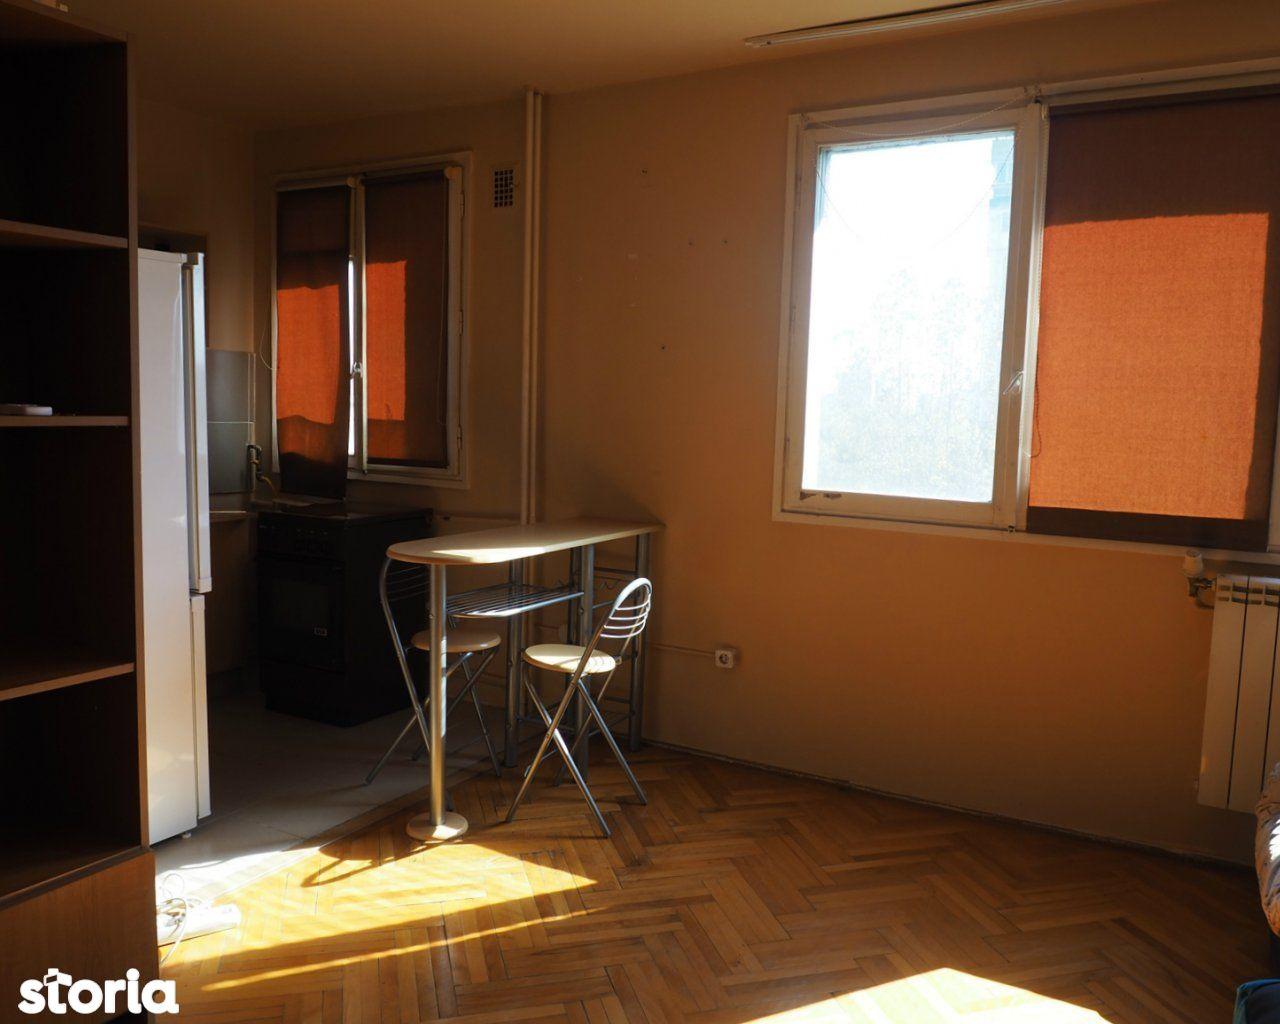 Apartament de vanzare, București (judet), Bulevardul Nicolae Grigorescu - Foto 3